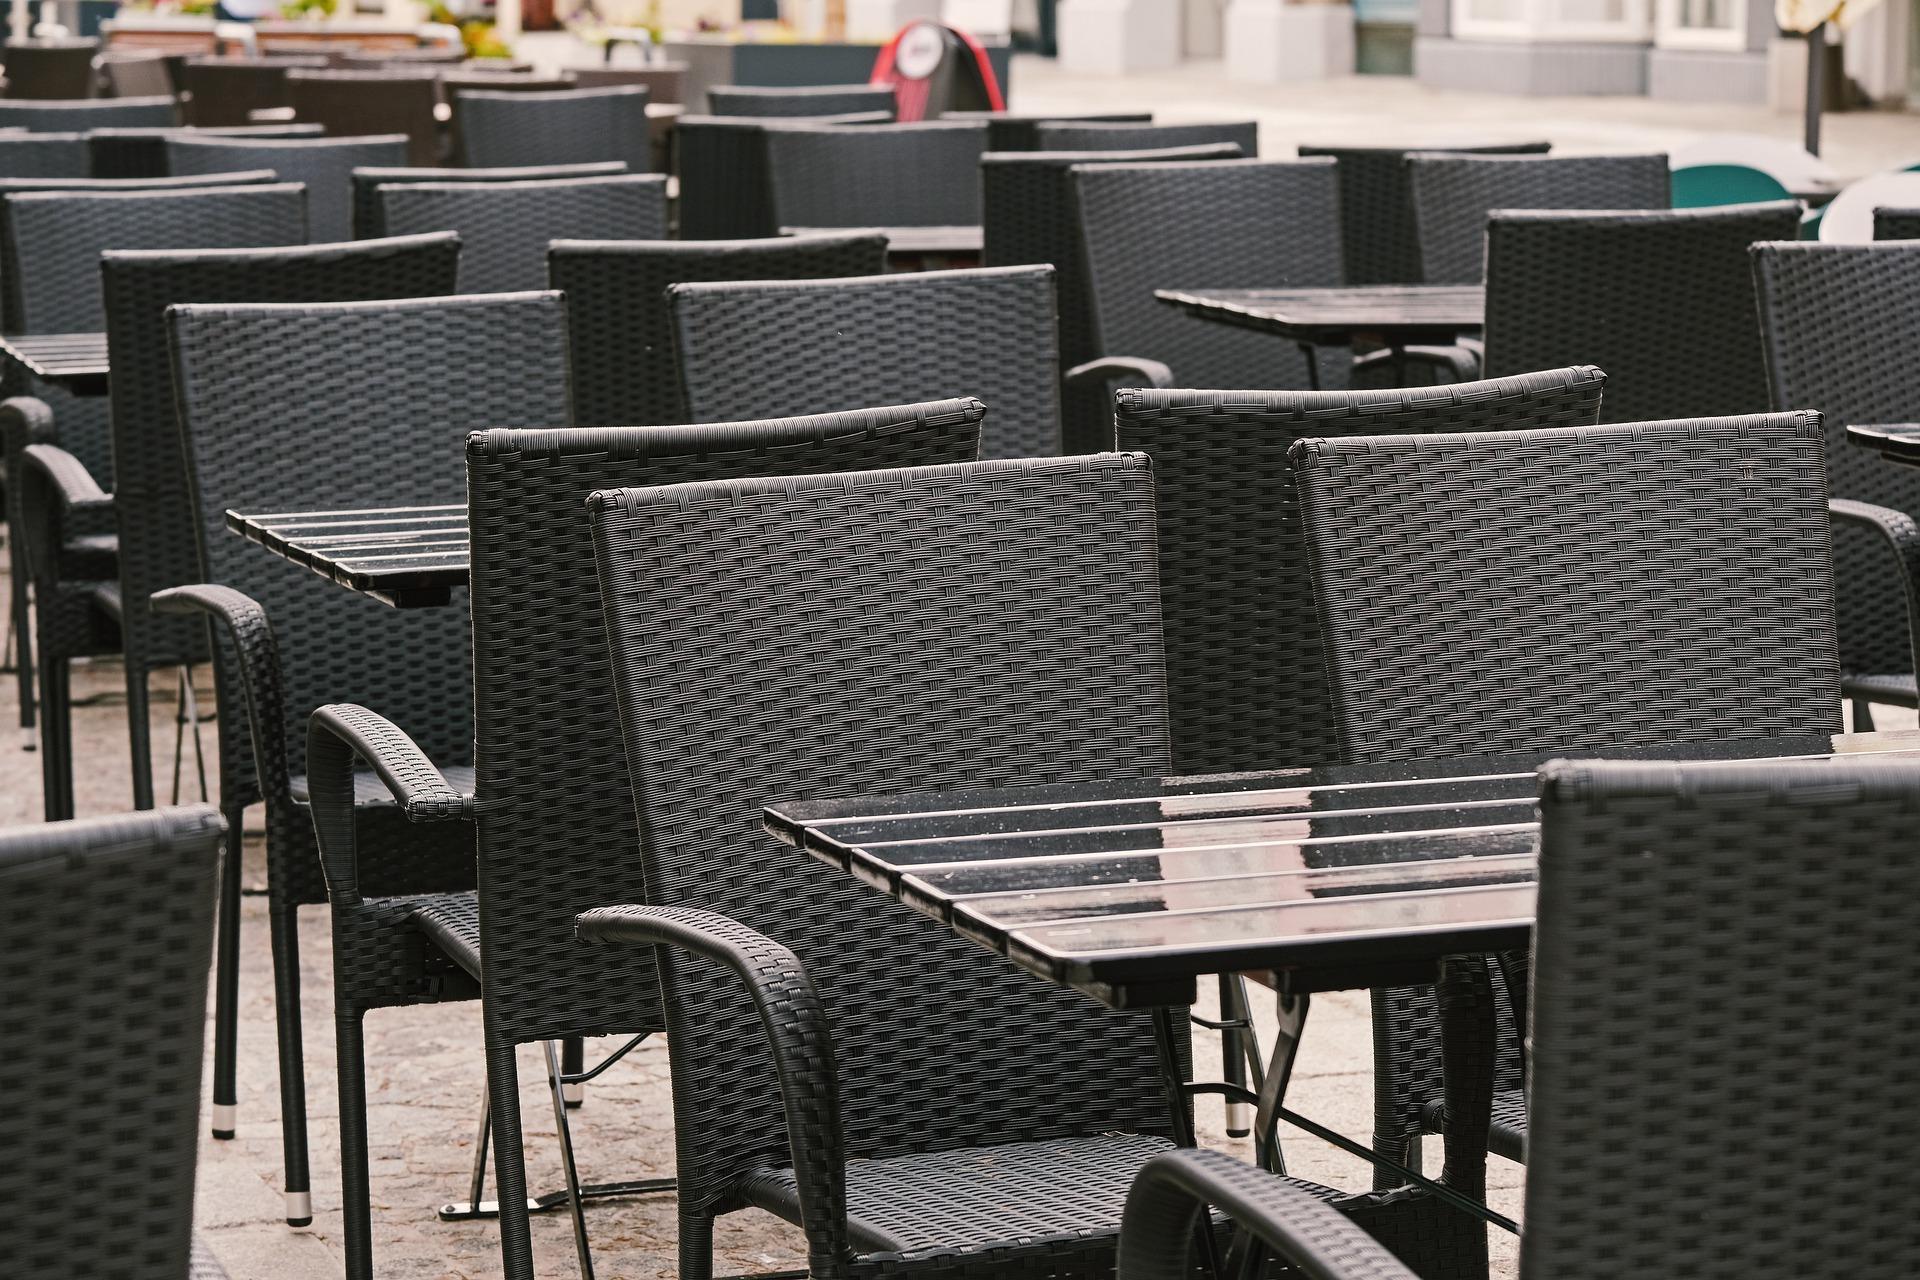 Restauracje, puby i bary zamknięte przez dwa tygodnie. Jedynie jedzenie na wynos.